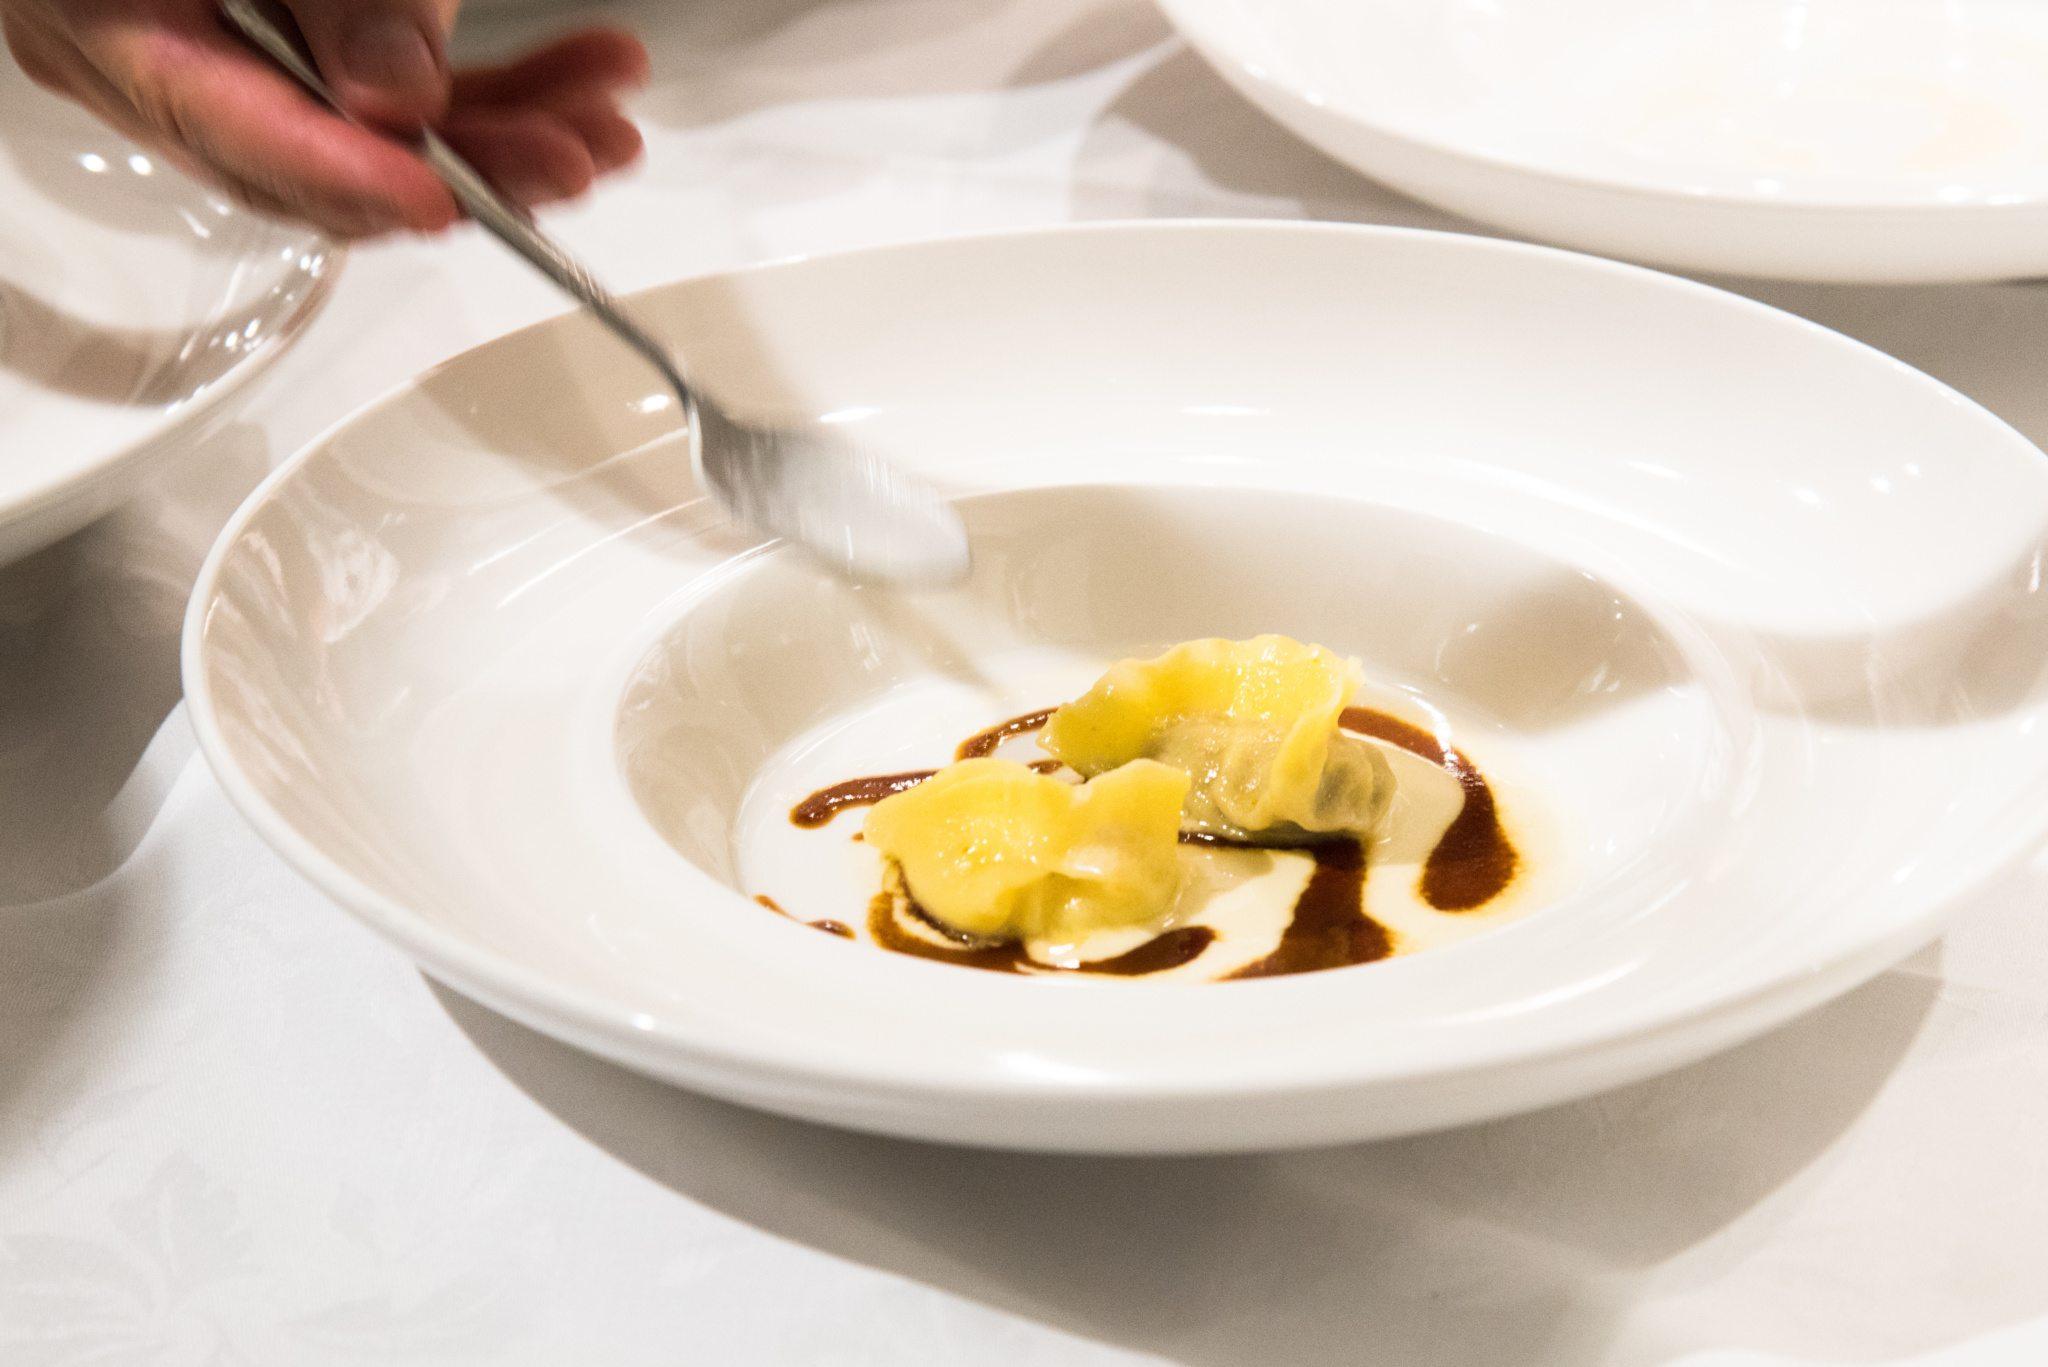 toronto-restaurants-events-sotto-sotto-italian-nino-di-costanzo-rabbit-ravioli